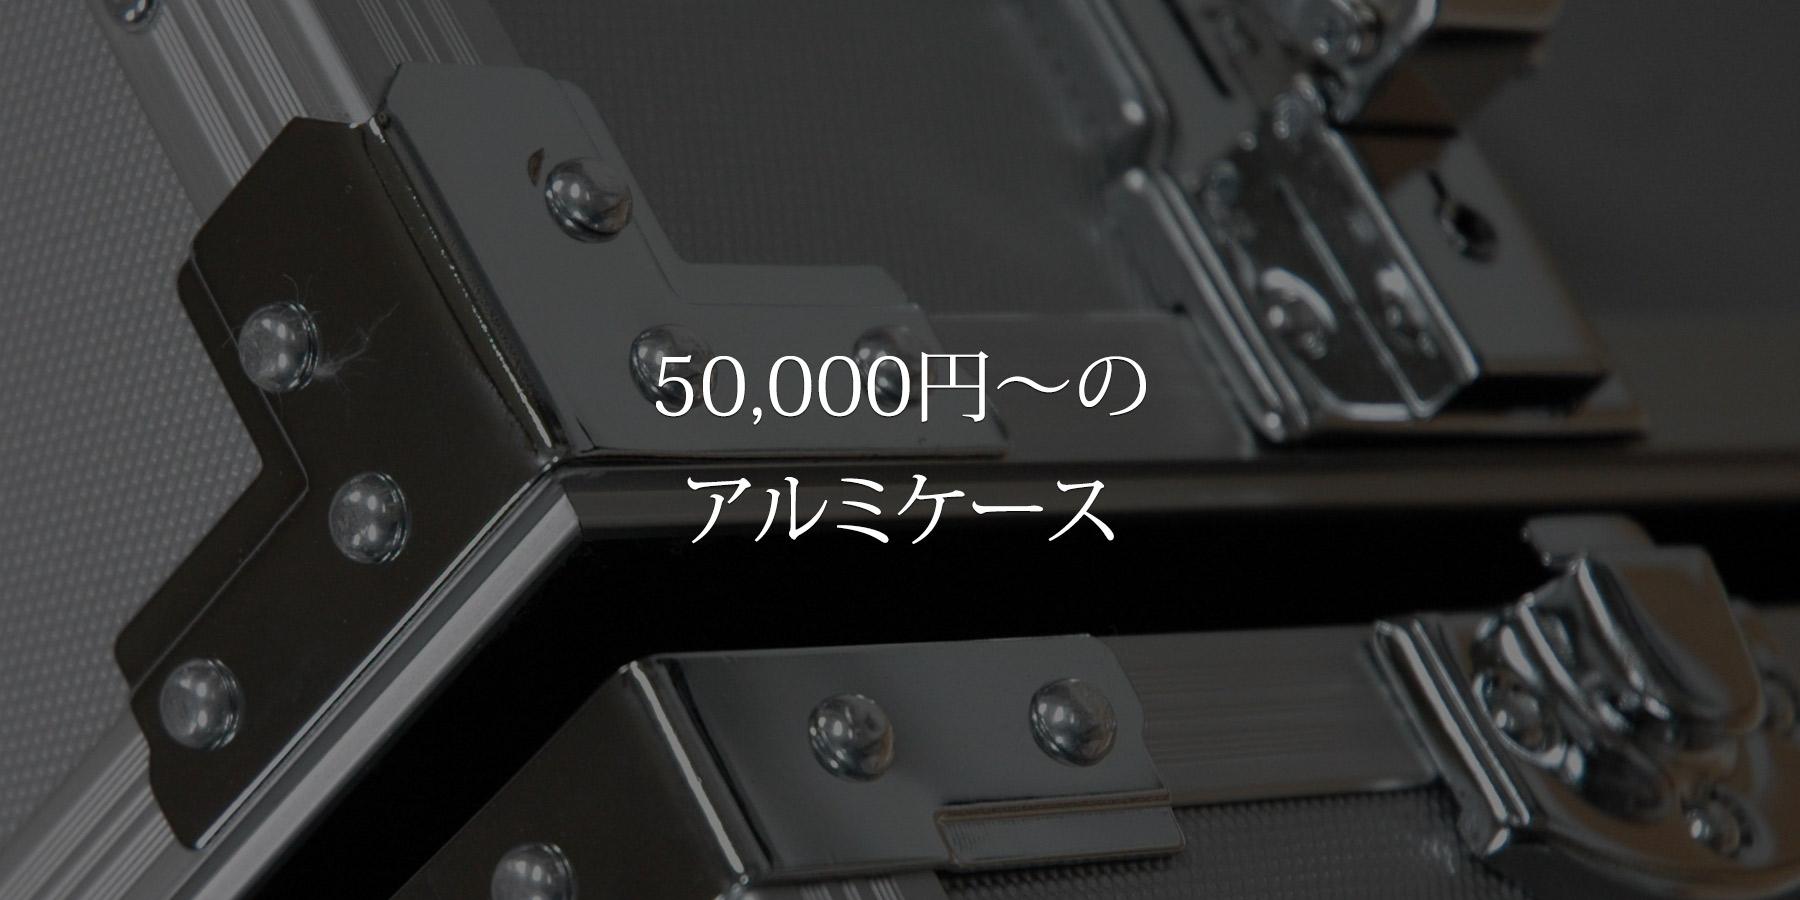 50,000円~のアルミケース